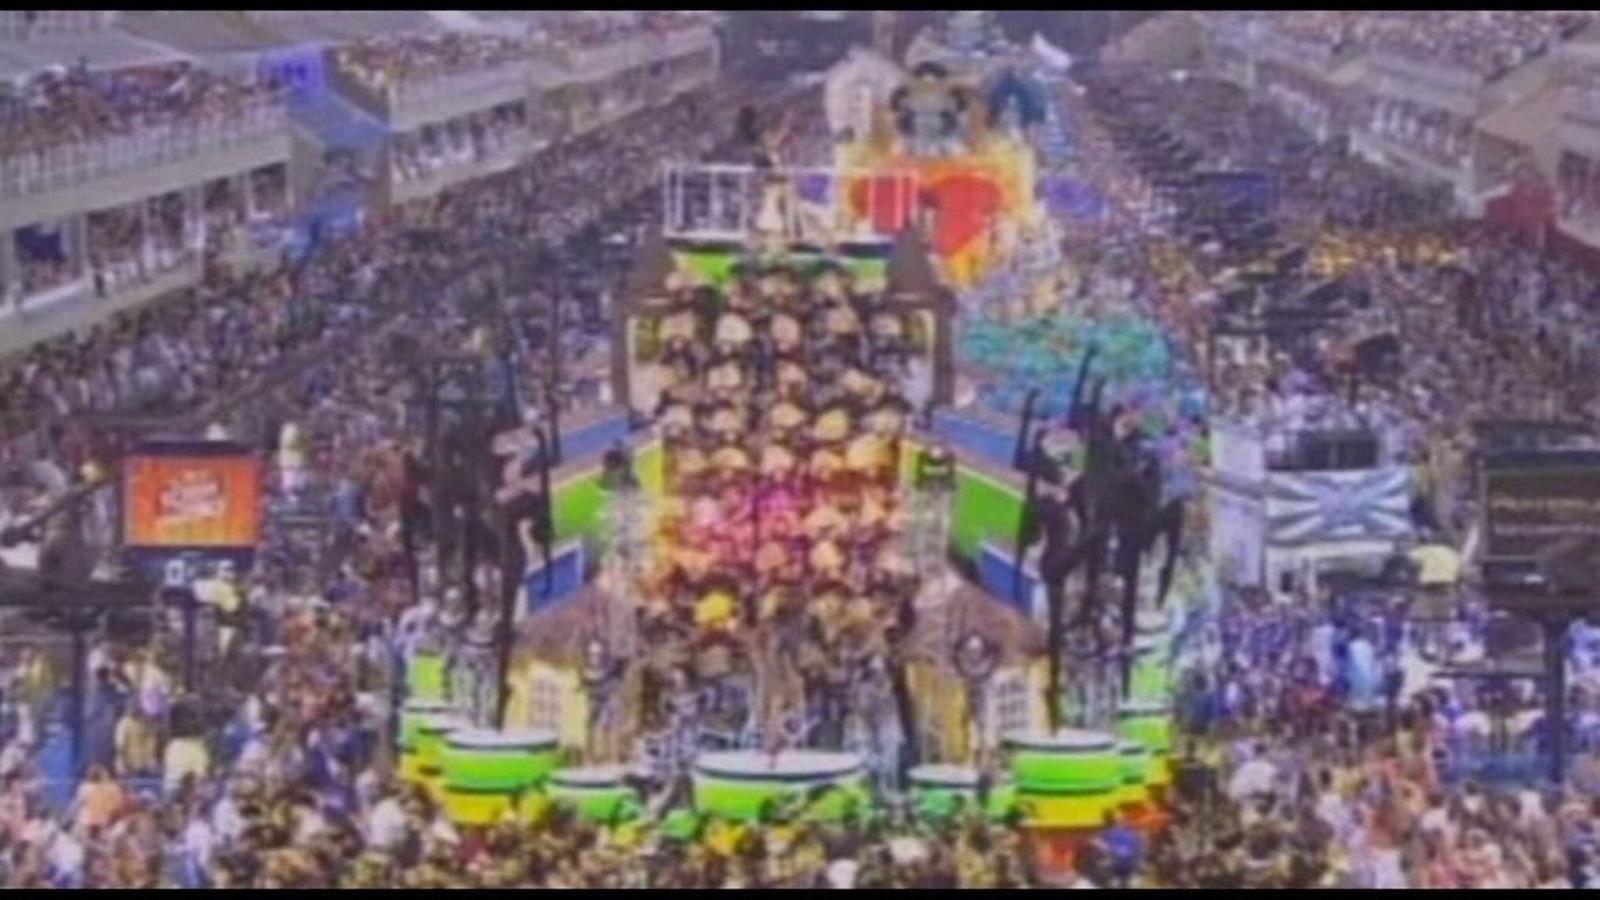 L'espectacle del Carnaval de Rio